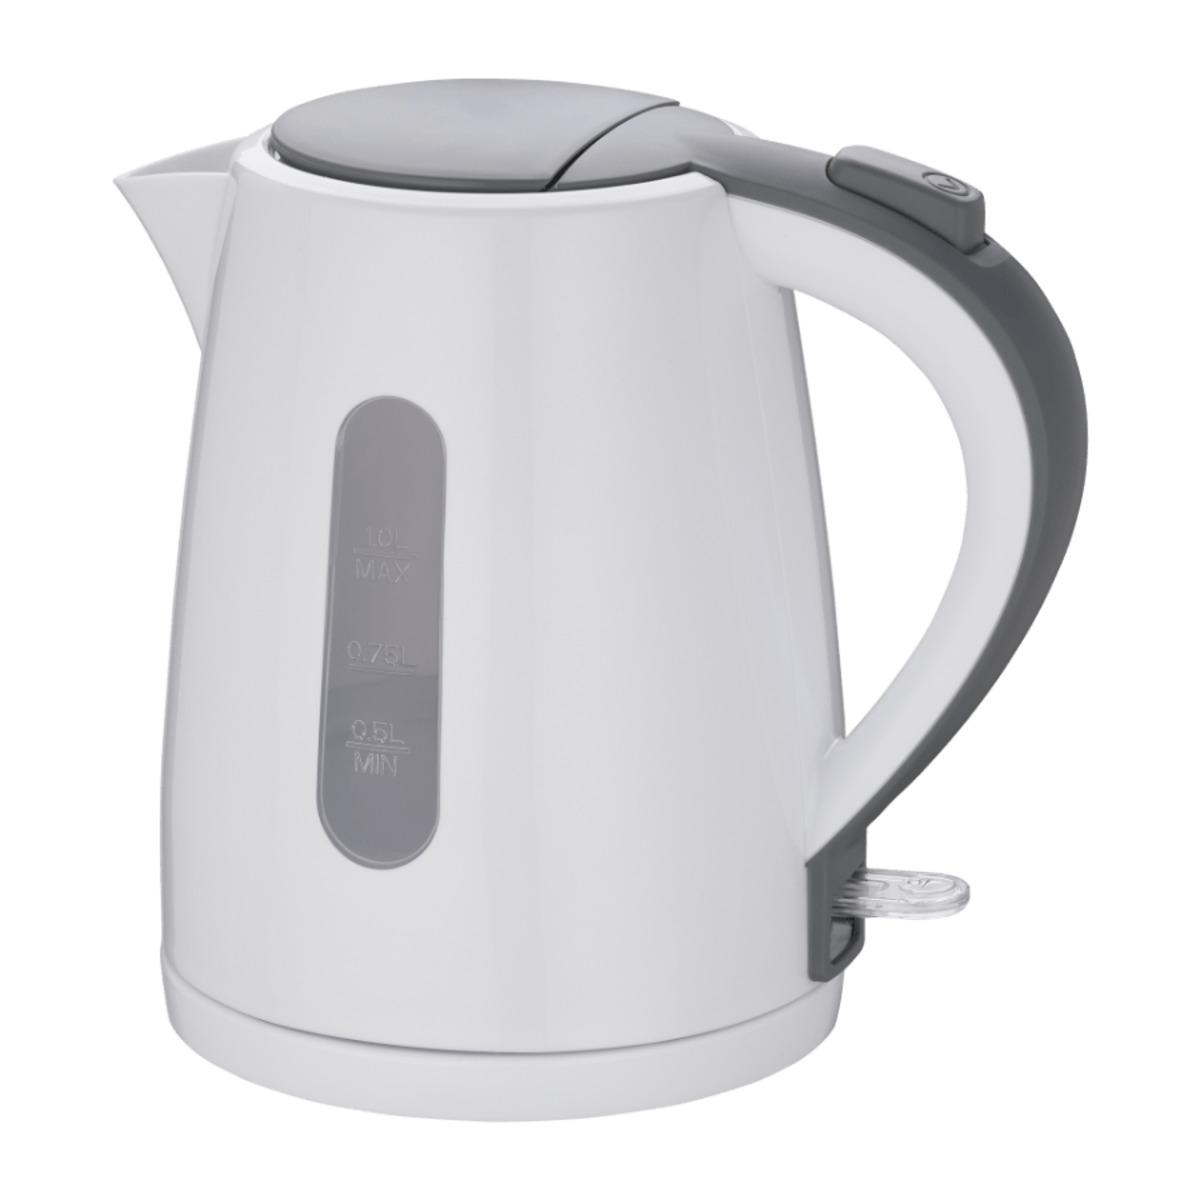 Bild 2 von QUIGG     Wasserkocher